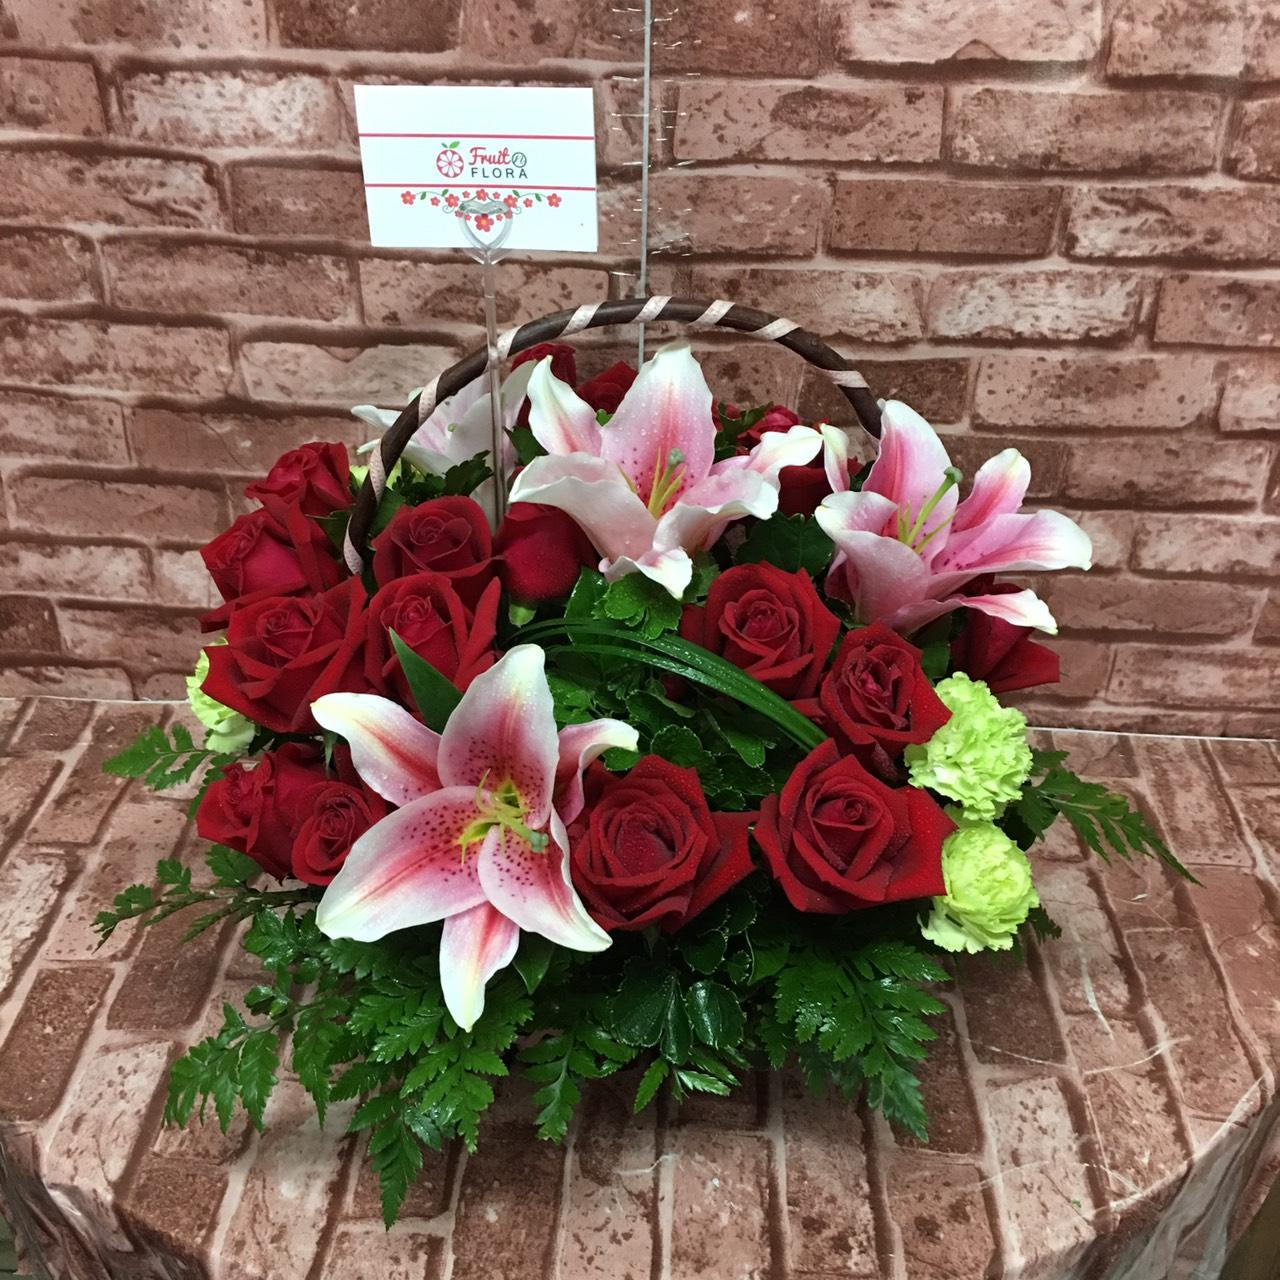 กระเช้าดอกไม้ทรงสวย นำดอกกุหลาบกับดอกลิลลี่มาจัดได้เข้ากัน